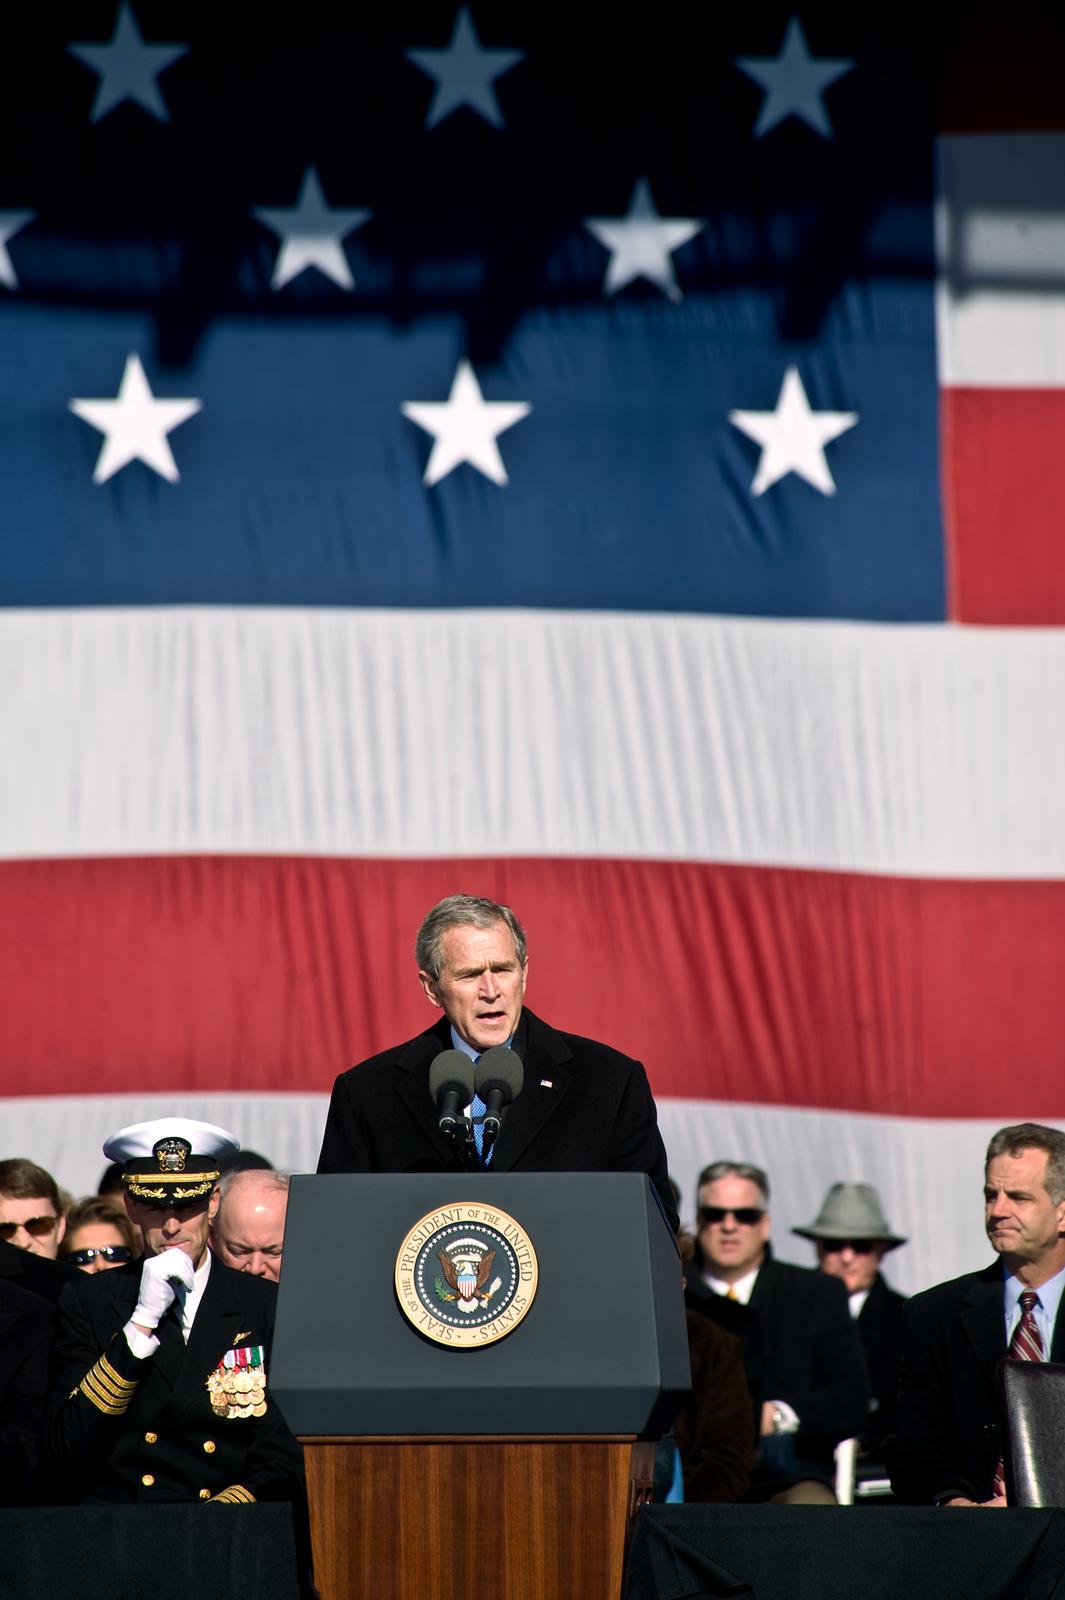 Zdjęcie przedstawia George`a Busha wtrakcie przemówienia. Prezydent Bush stoi za mównicą. Ubrany wczarny płaszcz wygłasza przemówienie. Wtle siedzą politycy, wojskowi. Wszyscy ubrani na czarno. Niektóre osoby mają czarne okulary. Na ścianie, wgłębi zdjęcia, rozwieszona duża flaga amerykańska. Biało czerwone poziome pasy. Powyżej niebieski prostokąt zbiałymi pięcioramiennymi gwiazdami.